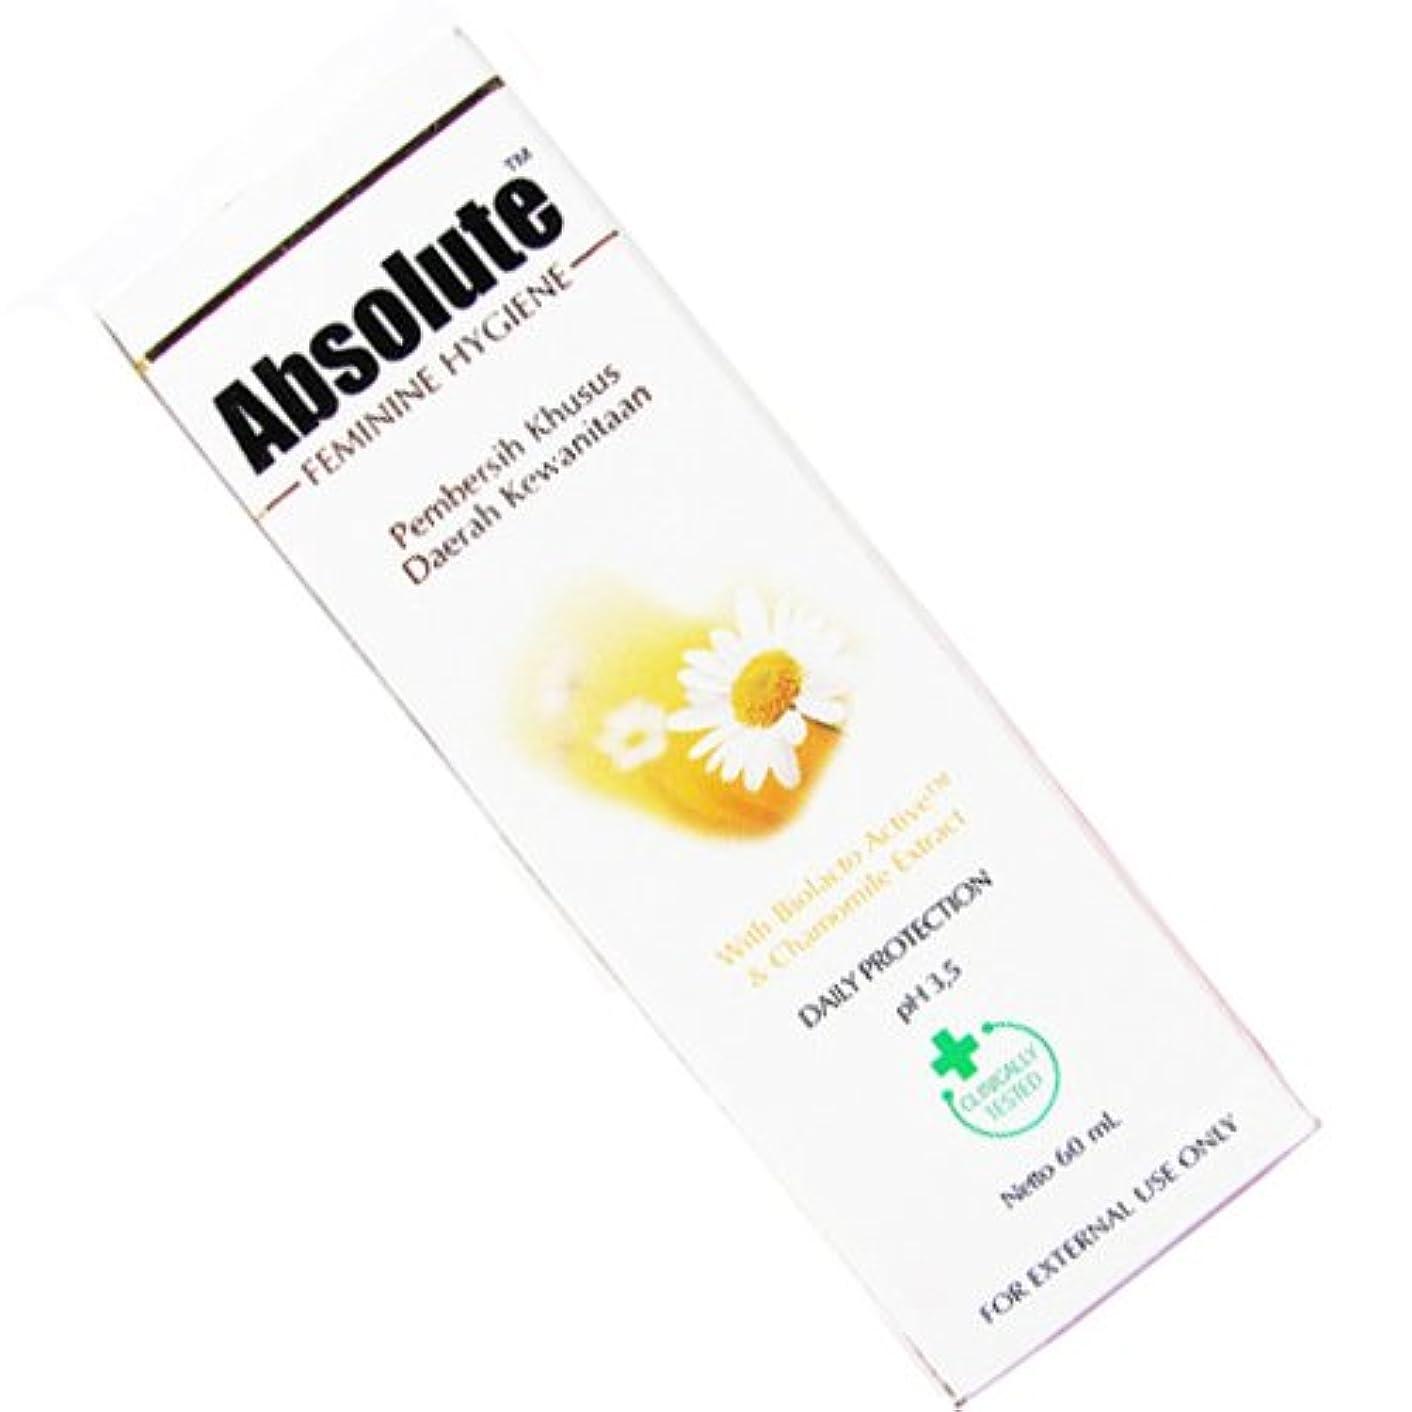 曖昧な乱れセラフAbsolute(アブソリュート)女性用液体ソープ 60ml [並行輸入品][海外直送品]